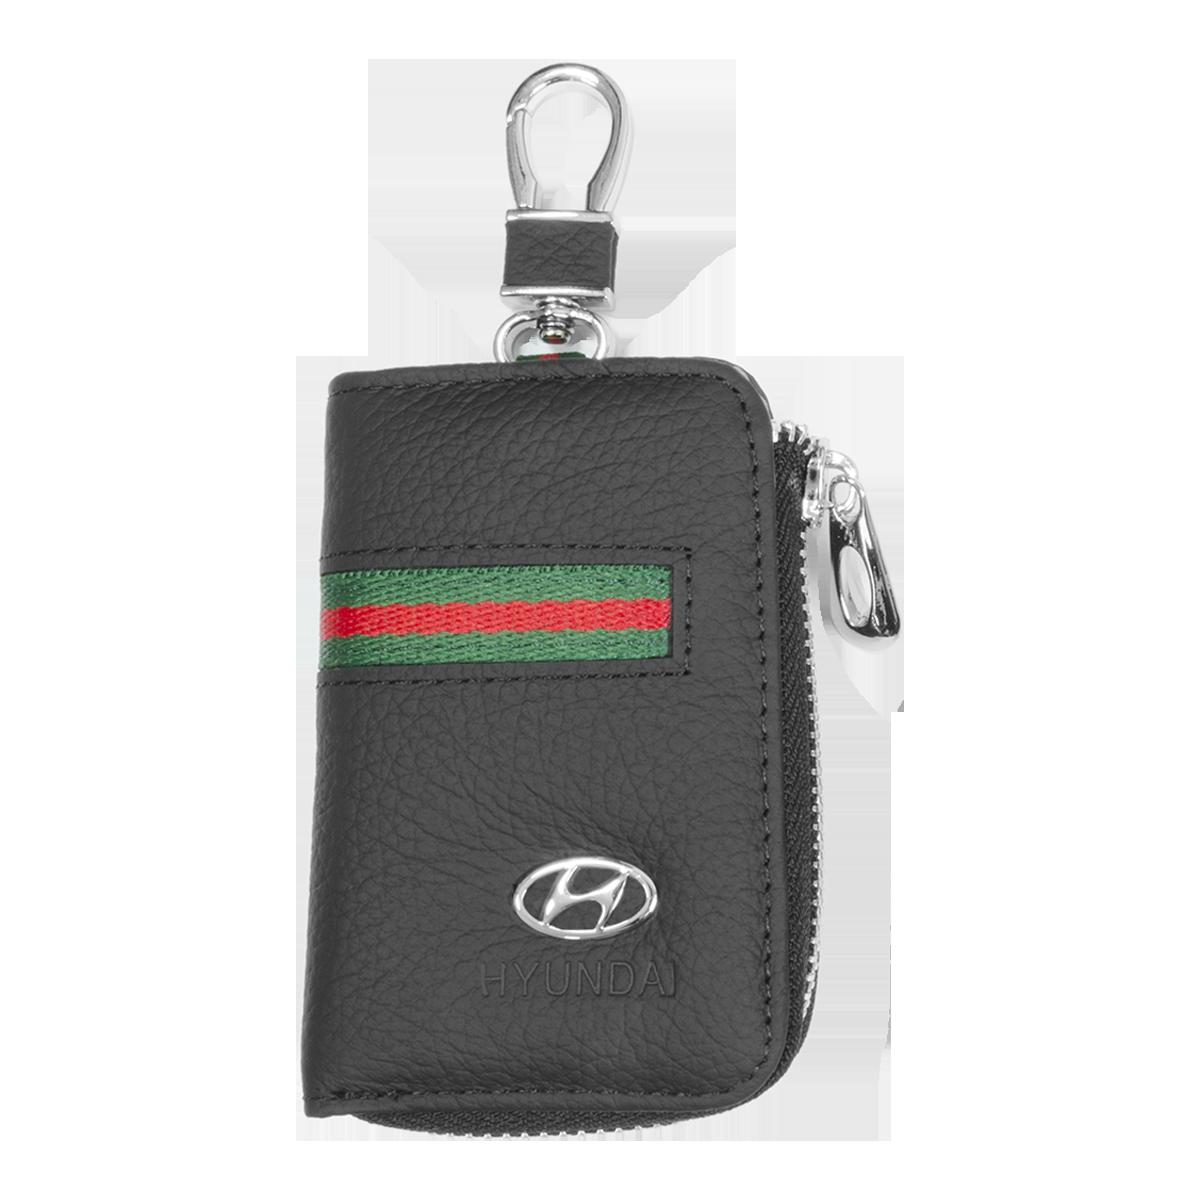 Ключница Carss с логотипом HYUNDAI 10012 многофункциональная черная